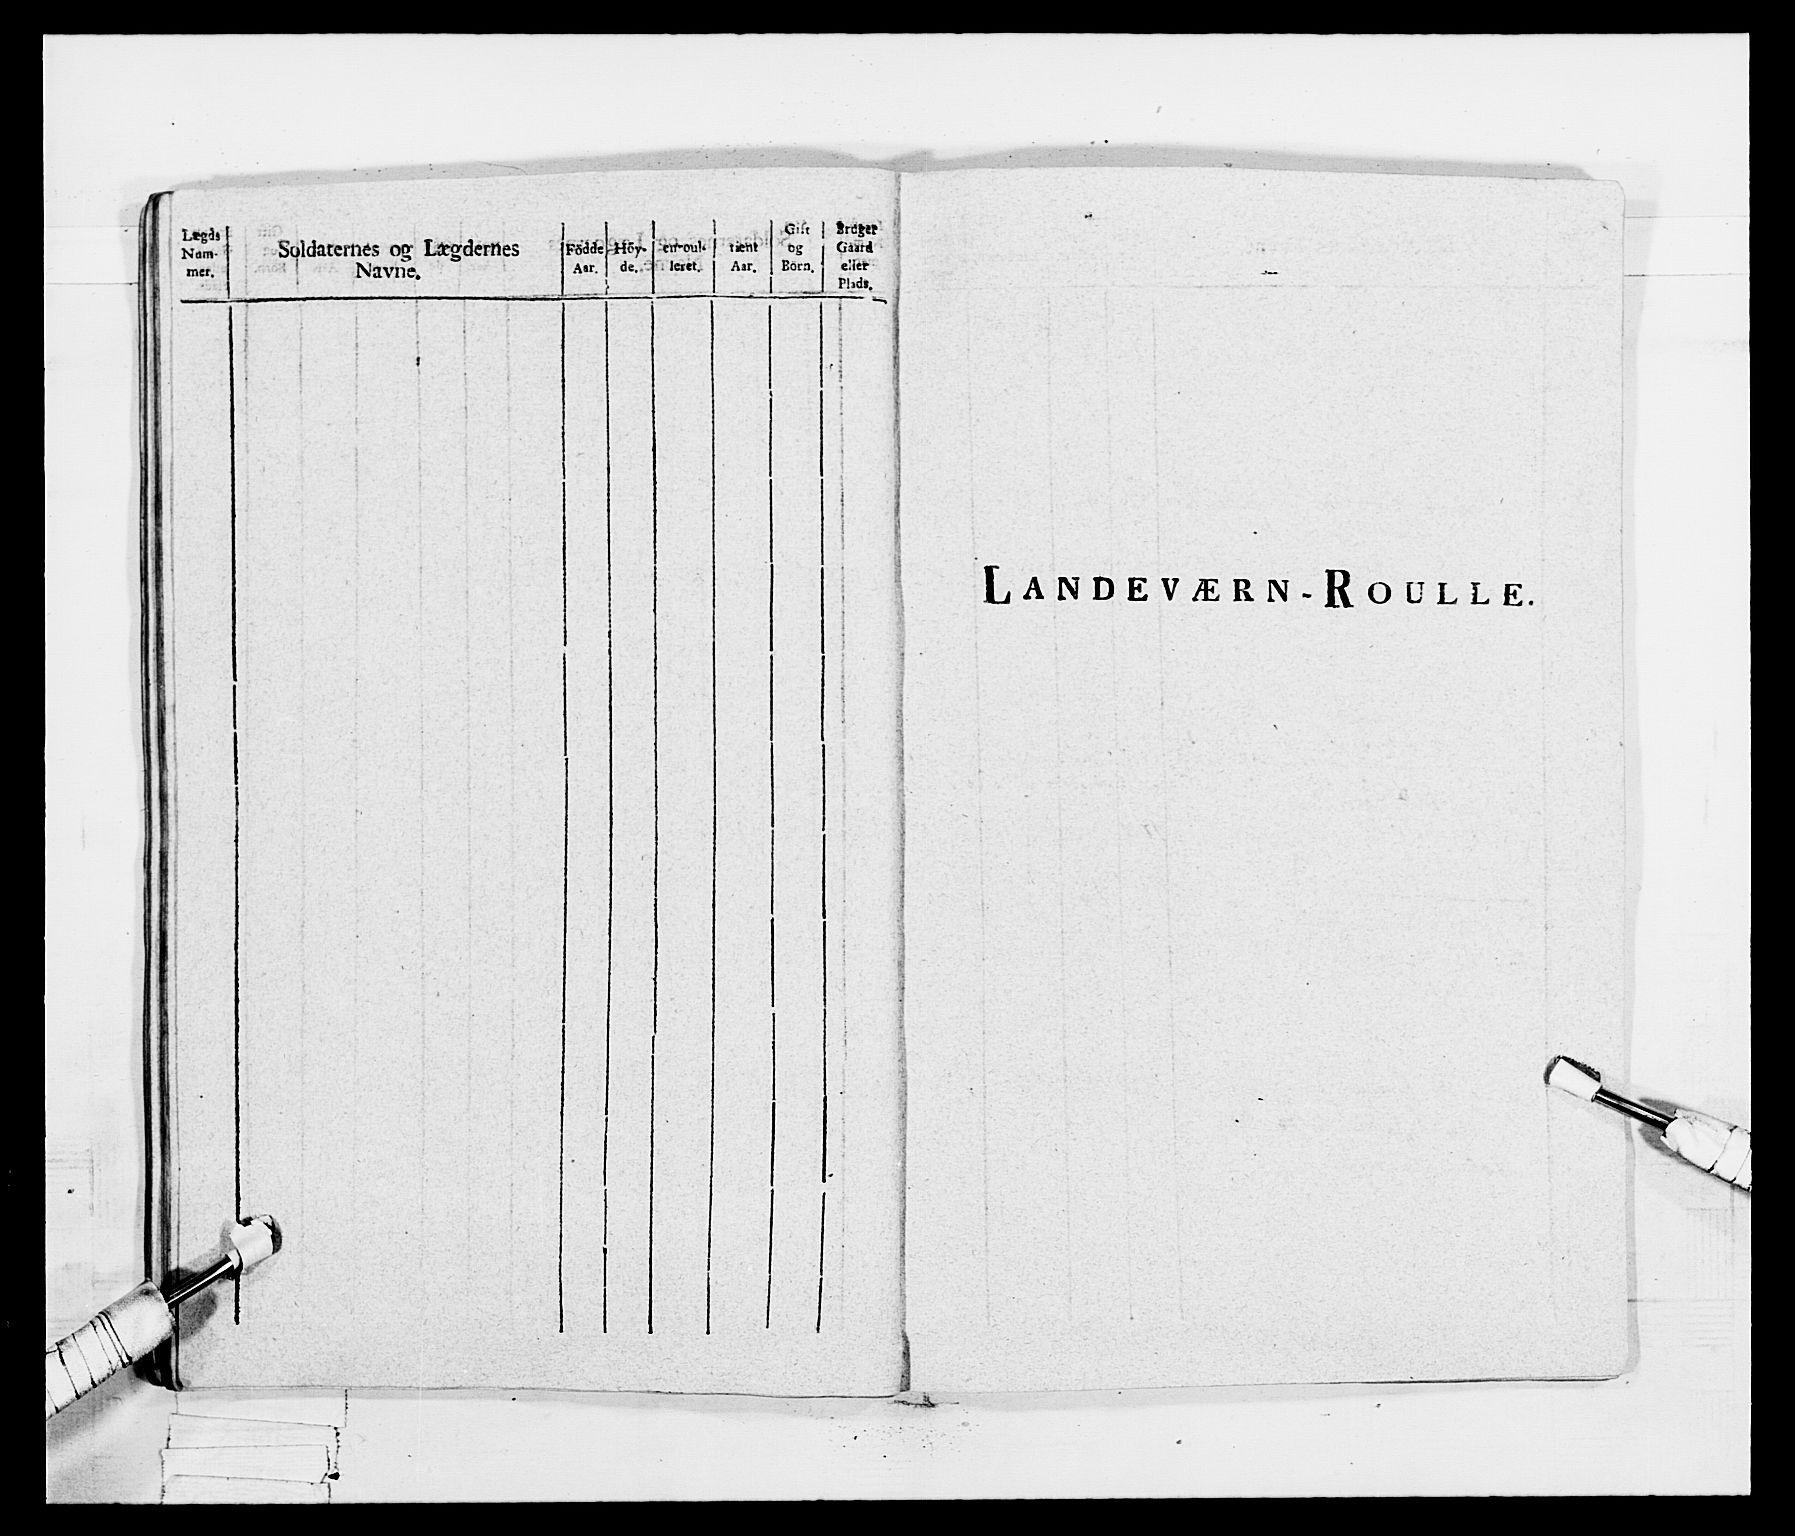 RA, Generalitets- og kommissariatskollegiet, Det kongelige norske kommissariatskollegium, E/Eh/L0047: 2. Akershusiske nasjonale infanteriregiment, 1791-1810, s. 390